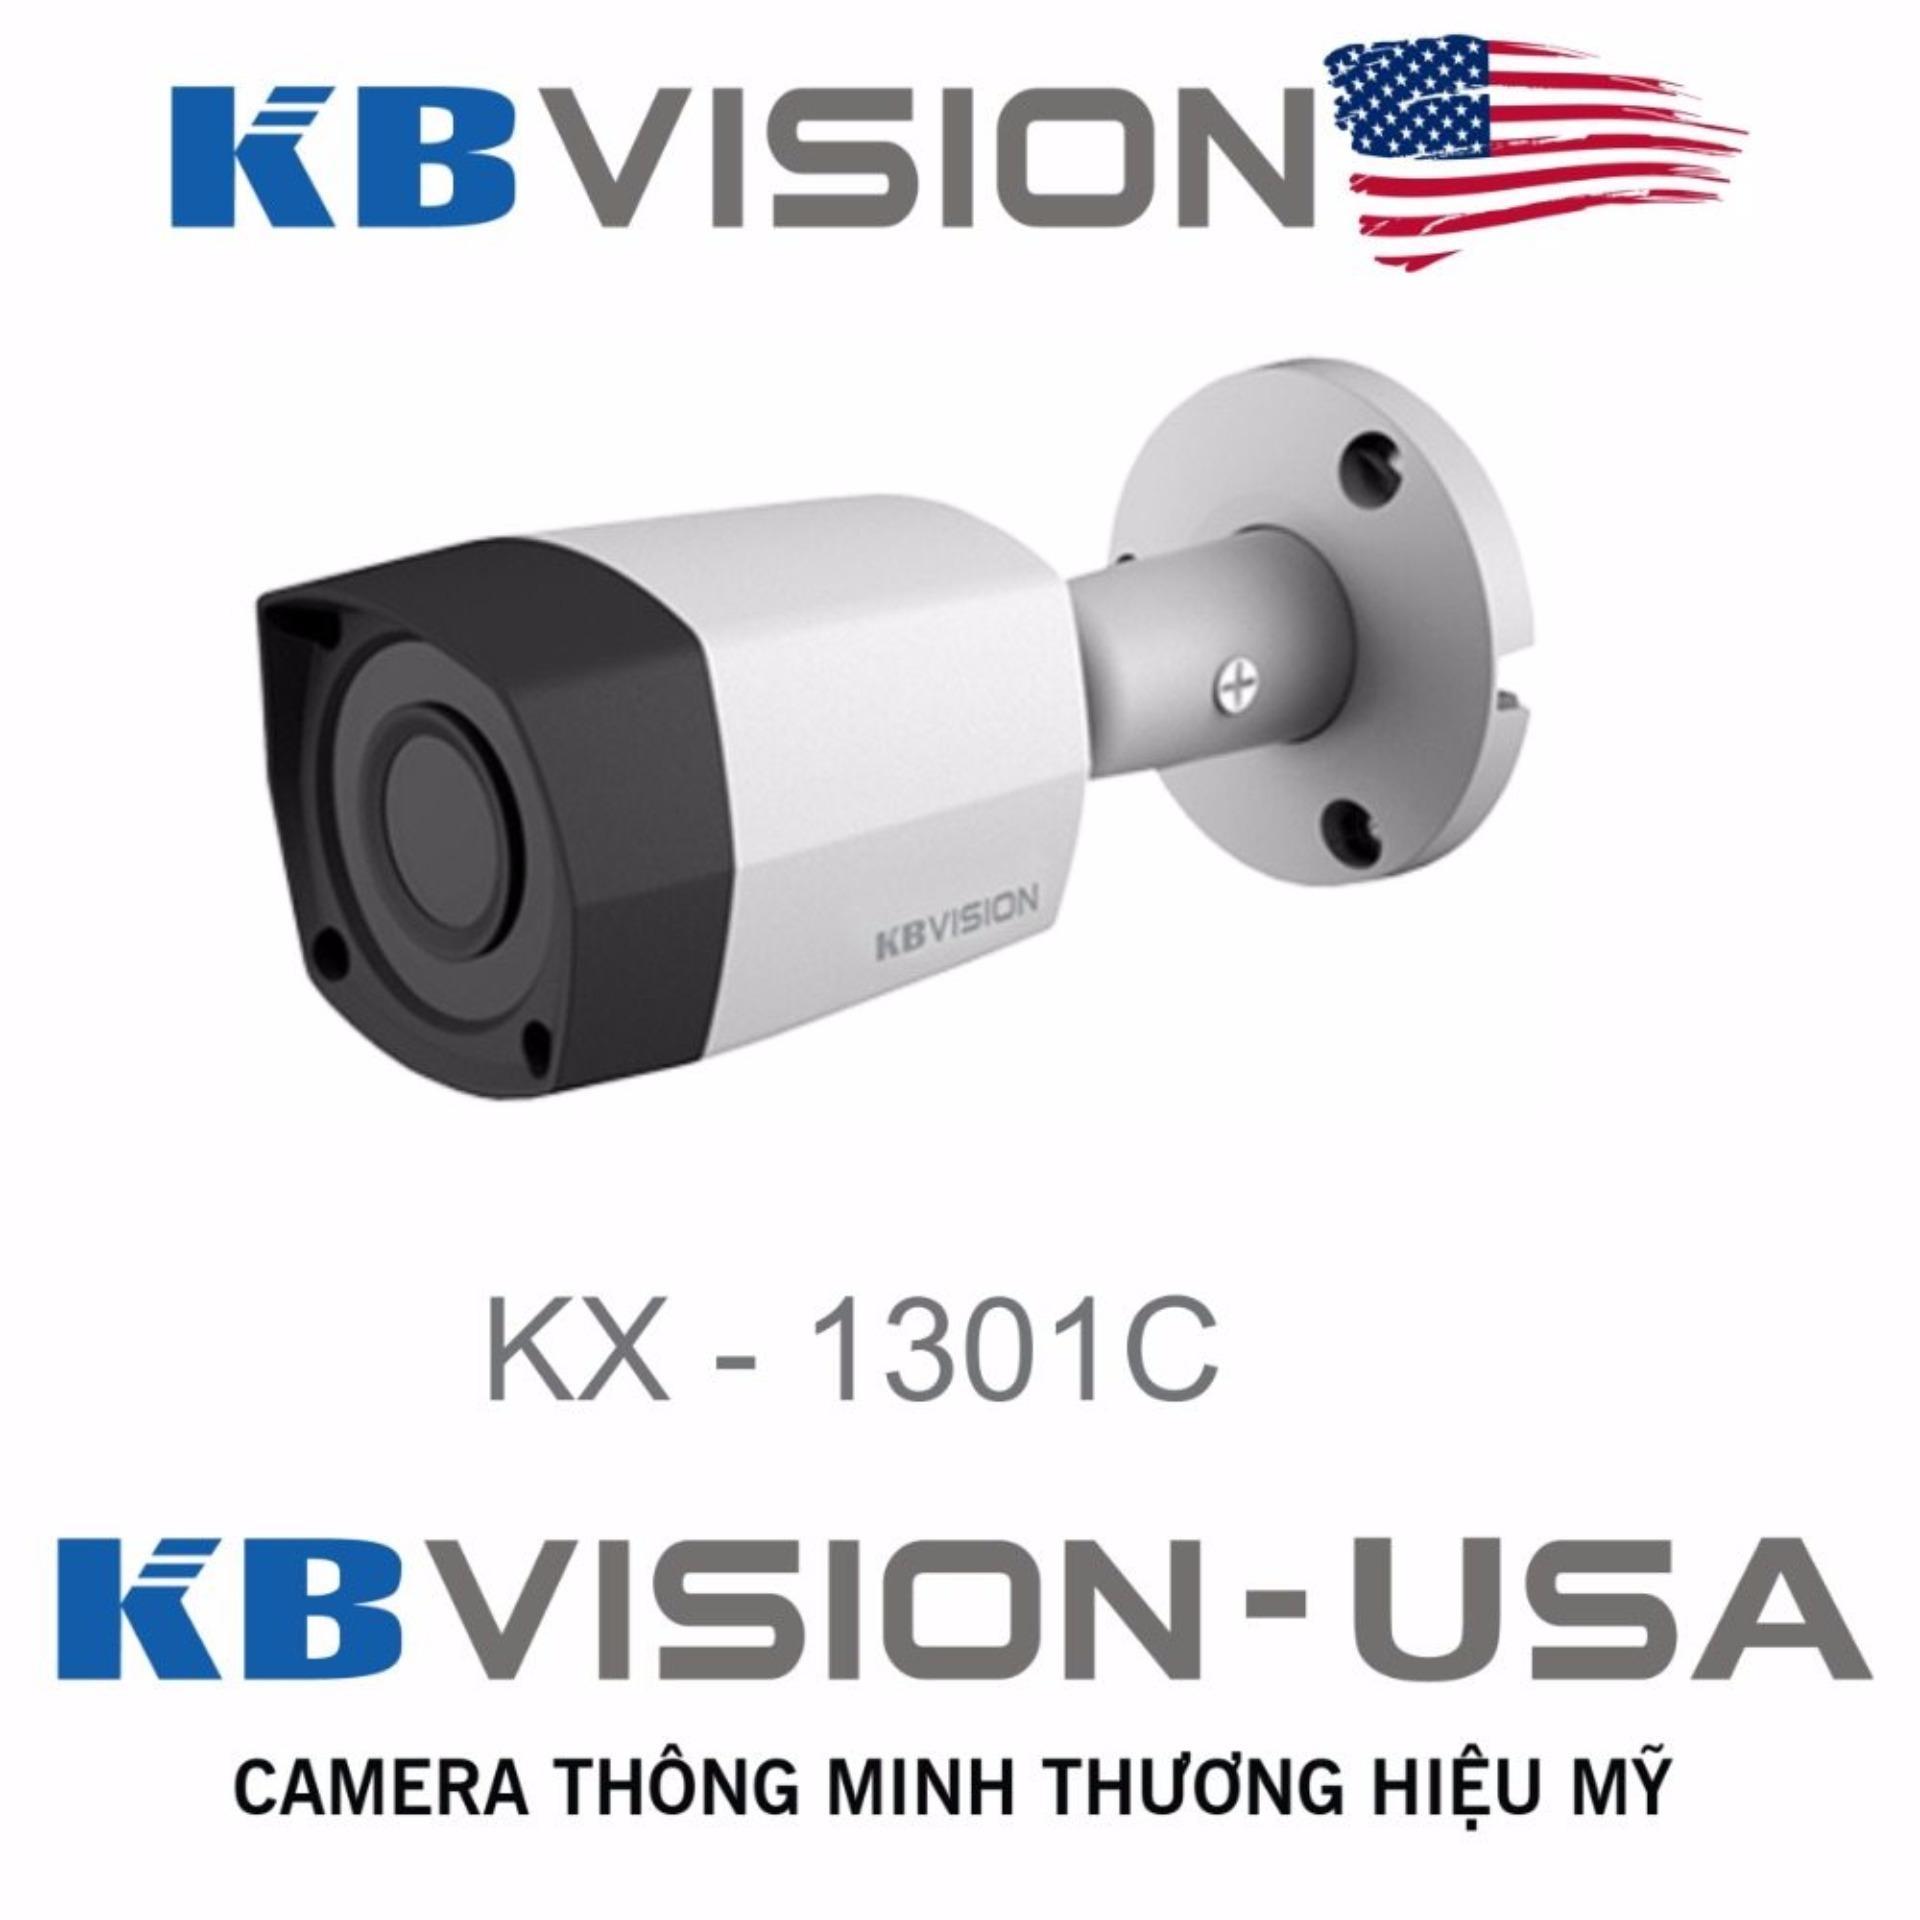 Chi tiết sản phẩm Camera quan sát ngày đêm KBVISION KX-1301C USA